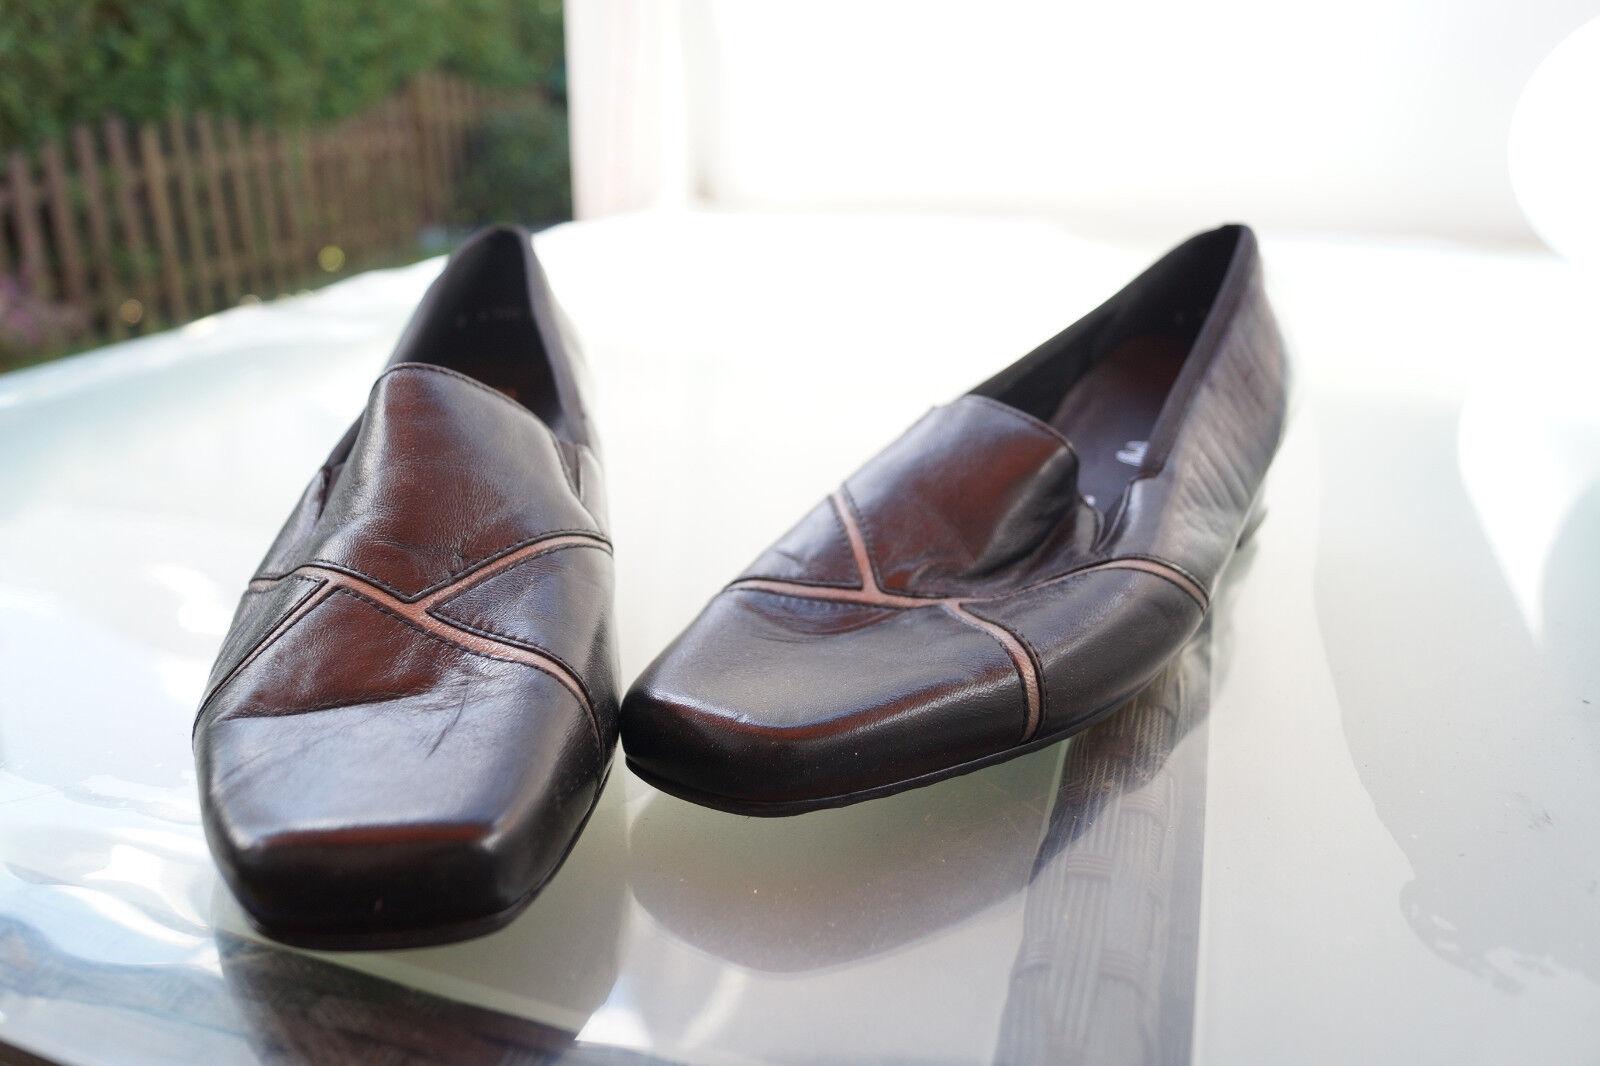 schicke ARA Damen Comfort Einlagen Schuhe Pumps Leder m. Einlagen Comfort Gr.6 H 39,5 schwarz NEU b3fd9a